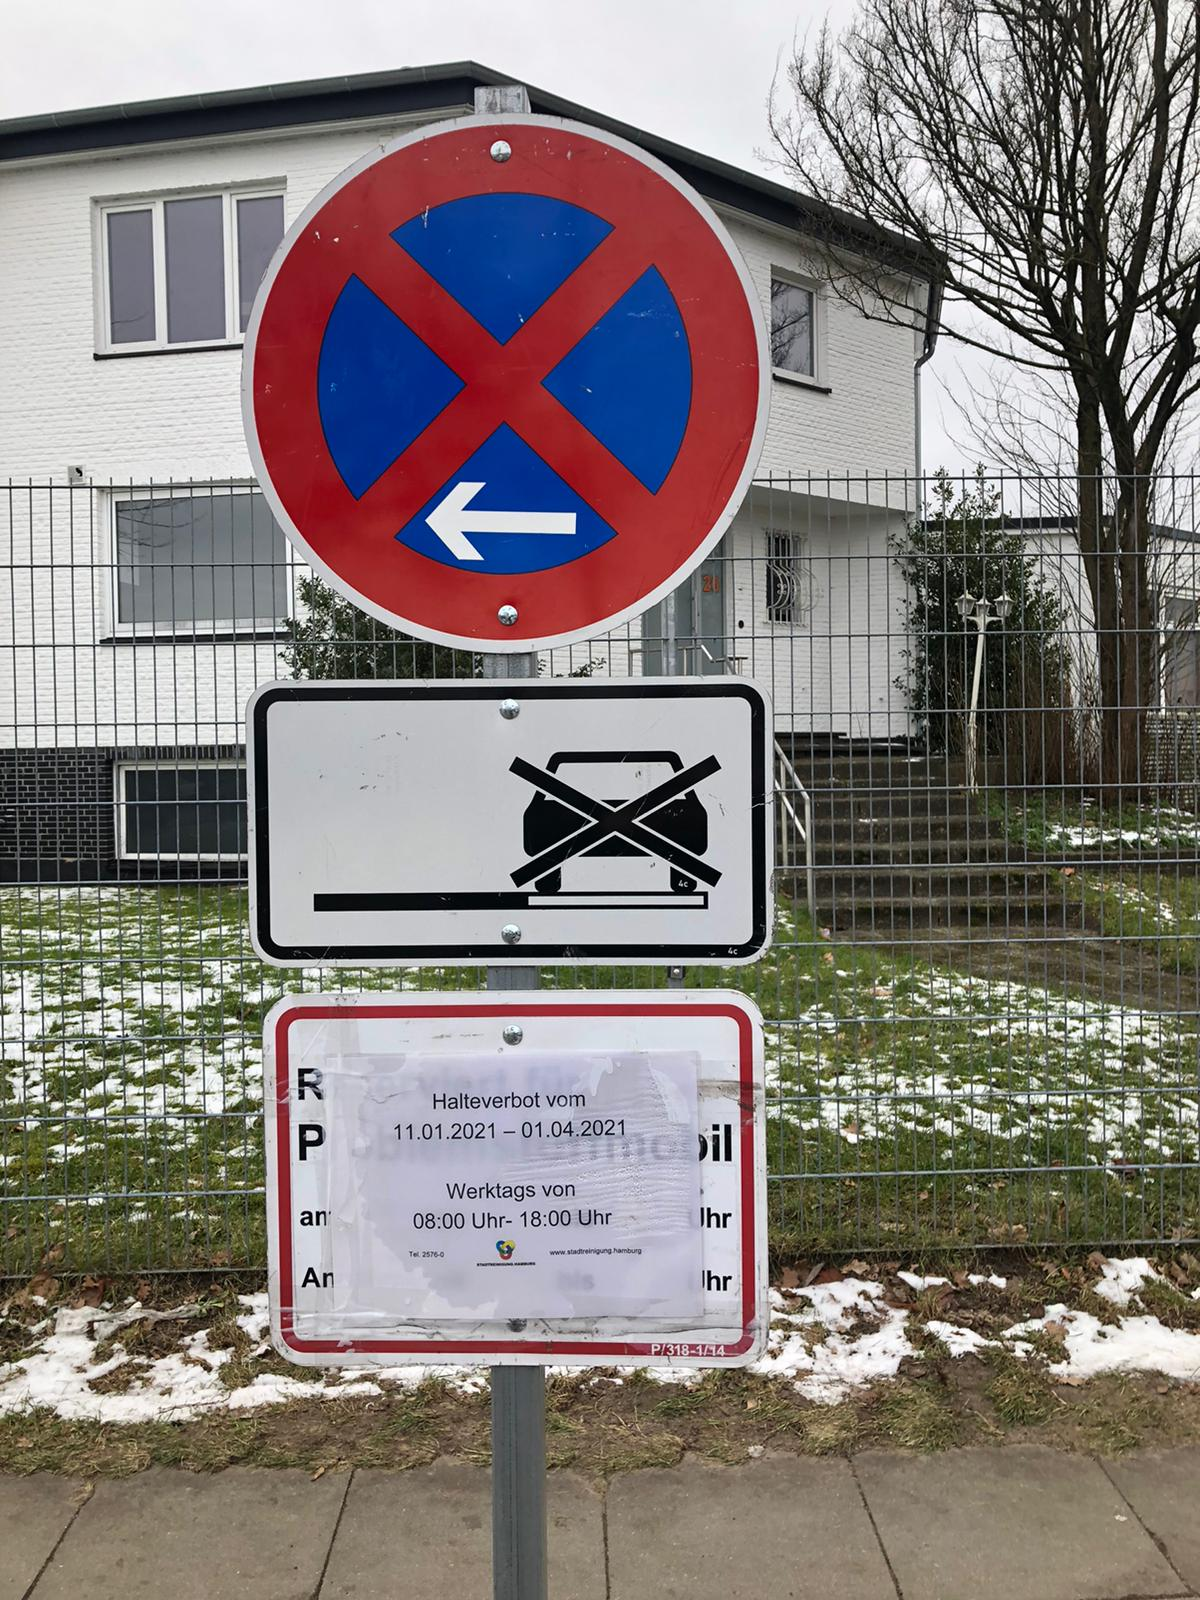 Vielversprechende Maßnahme im Niendorfer Krähenweg!